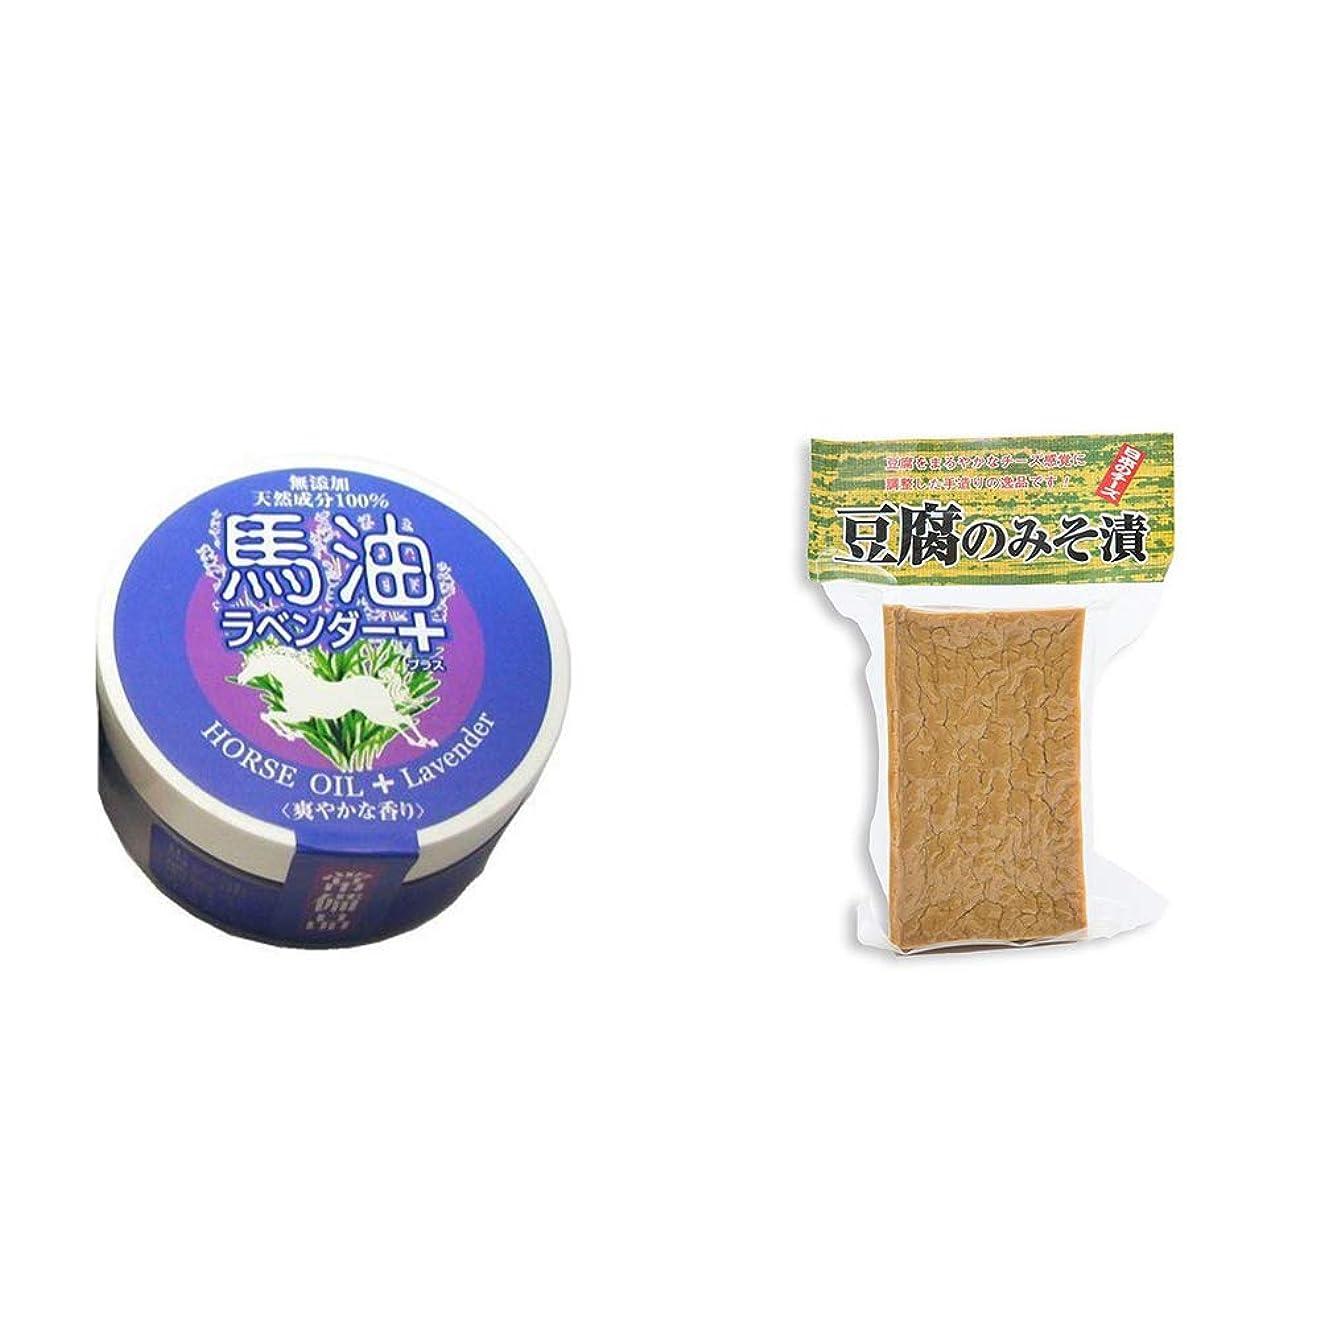 勢い踏み台思春期[2点セット] 無添加天然成分100% 馬油[ラベンダー](38g)?日本のチーズ 豆腐のみそ漬(1個入)